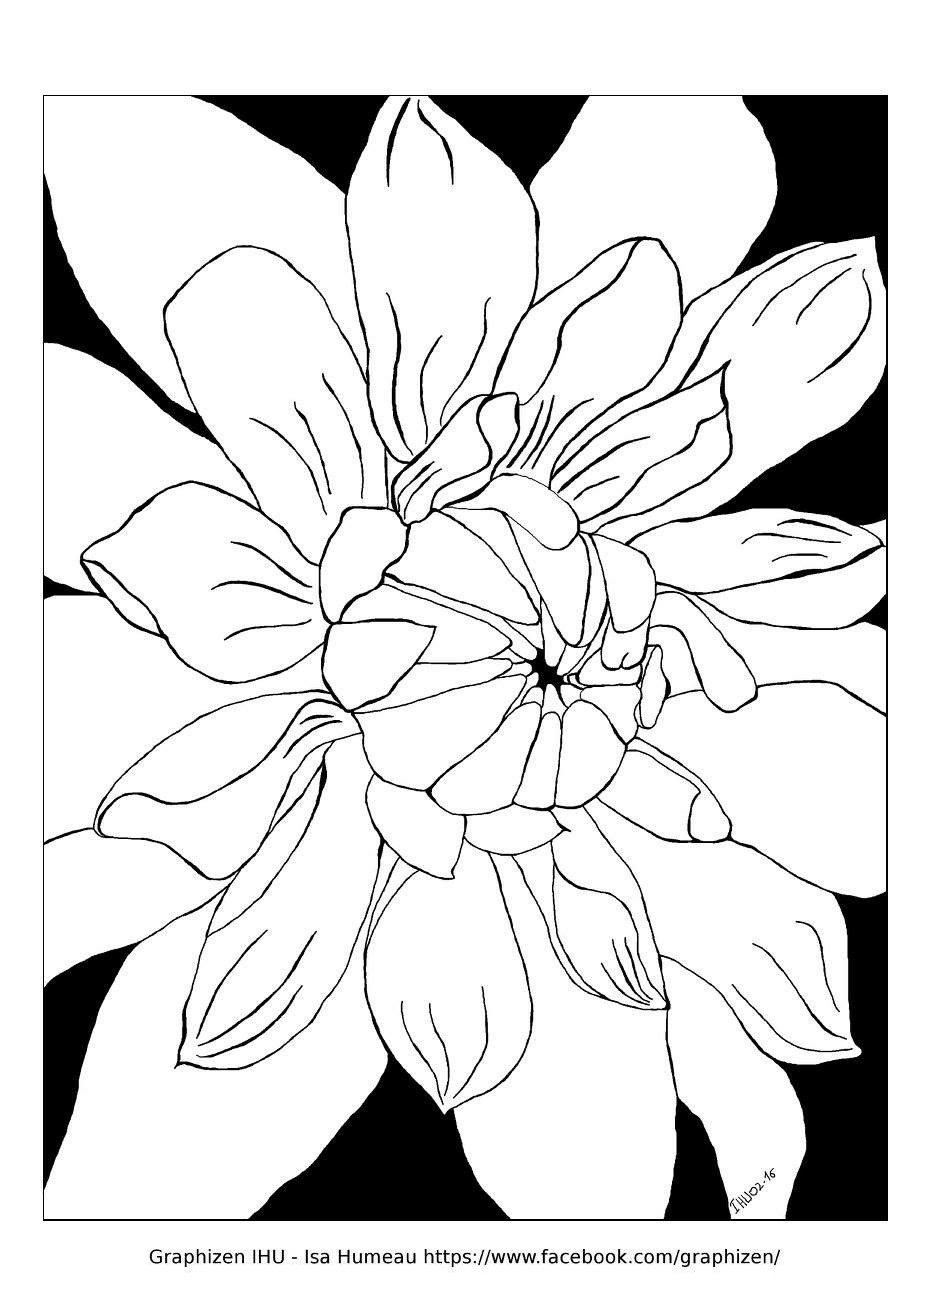 Disegni da colorare per adulti : Fiori e vegetazione - 57